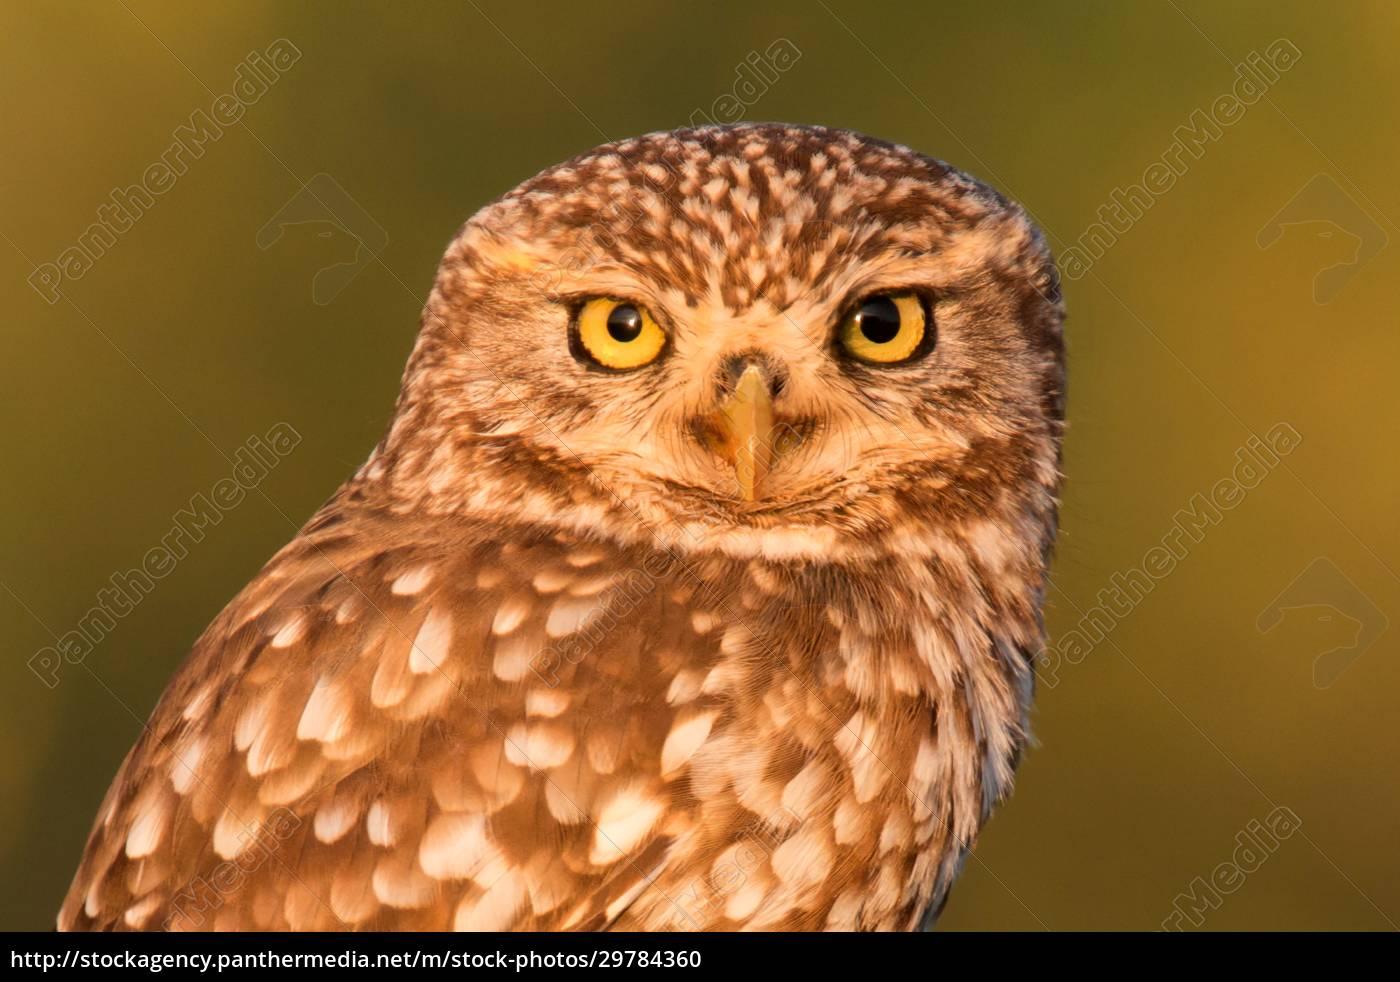 süße, eule, kleiner, vogel, mit, großen, augen - 29784360